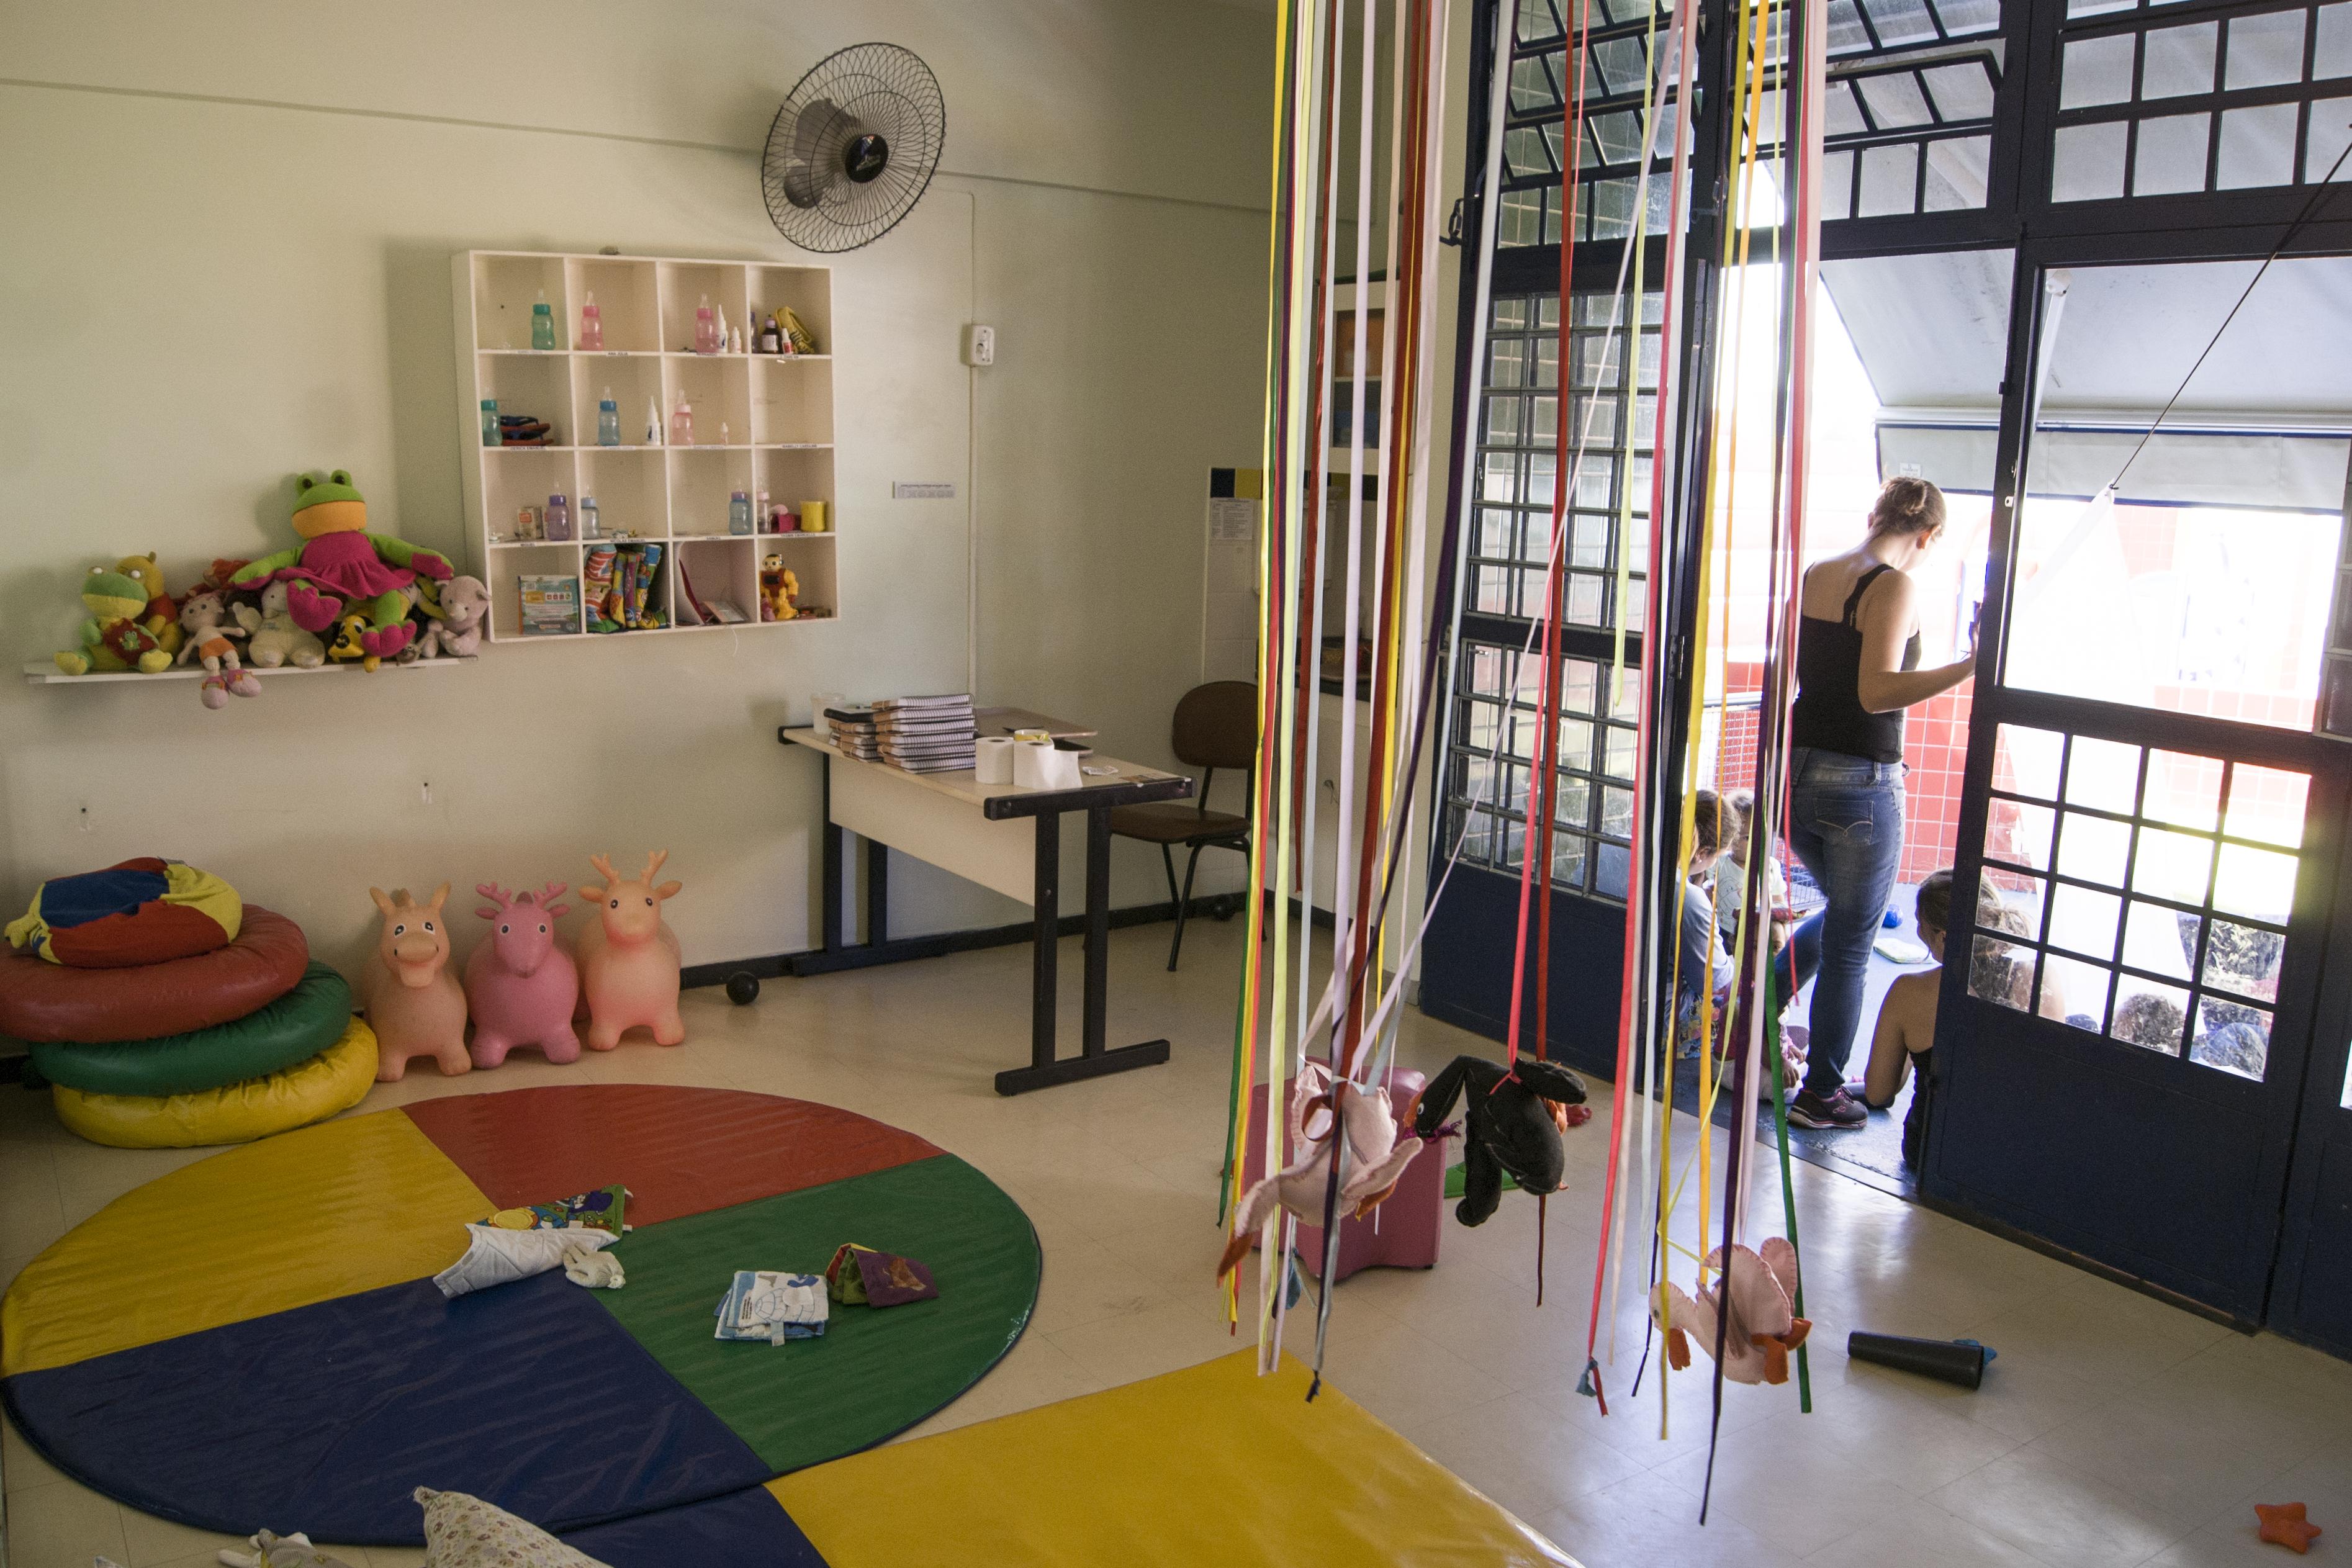 Formação Continuada De Professoras Da Educação Infantil: Proposta Metodológica De Formação Colaborativa Compartilhada Em Instituições De Educação Infantil